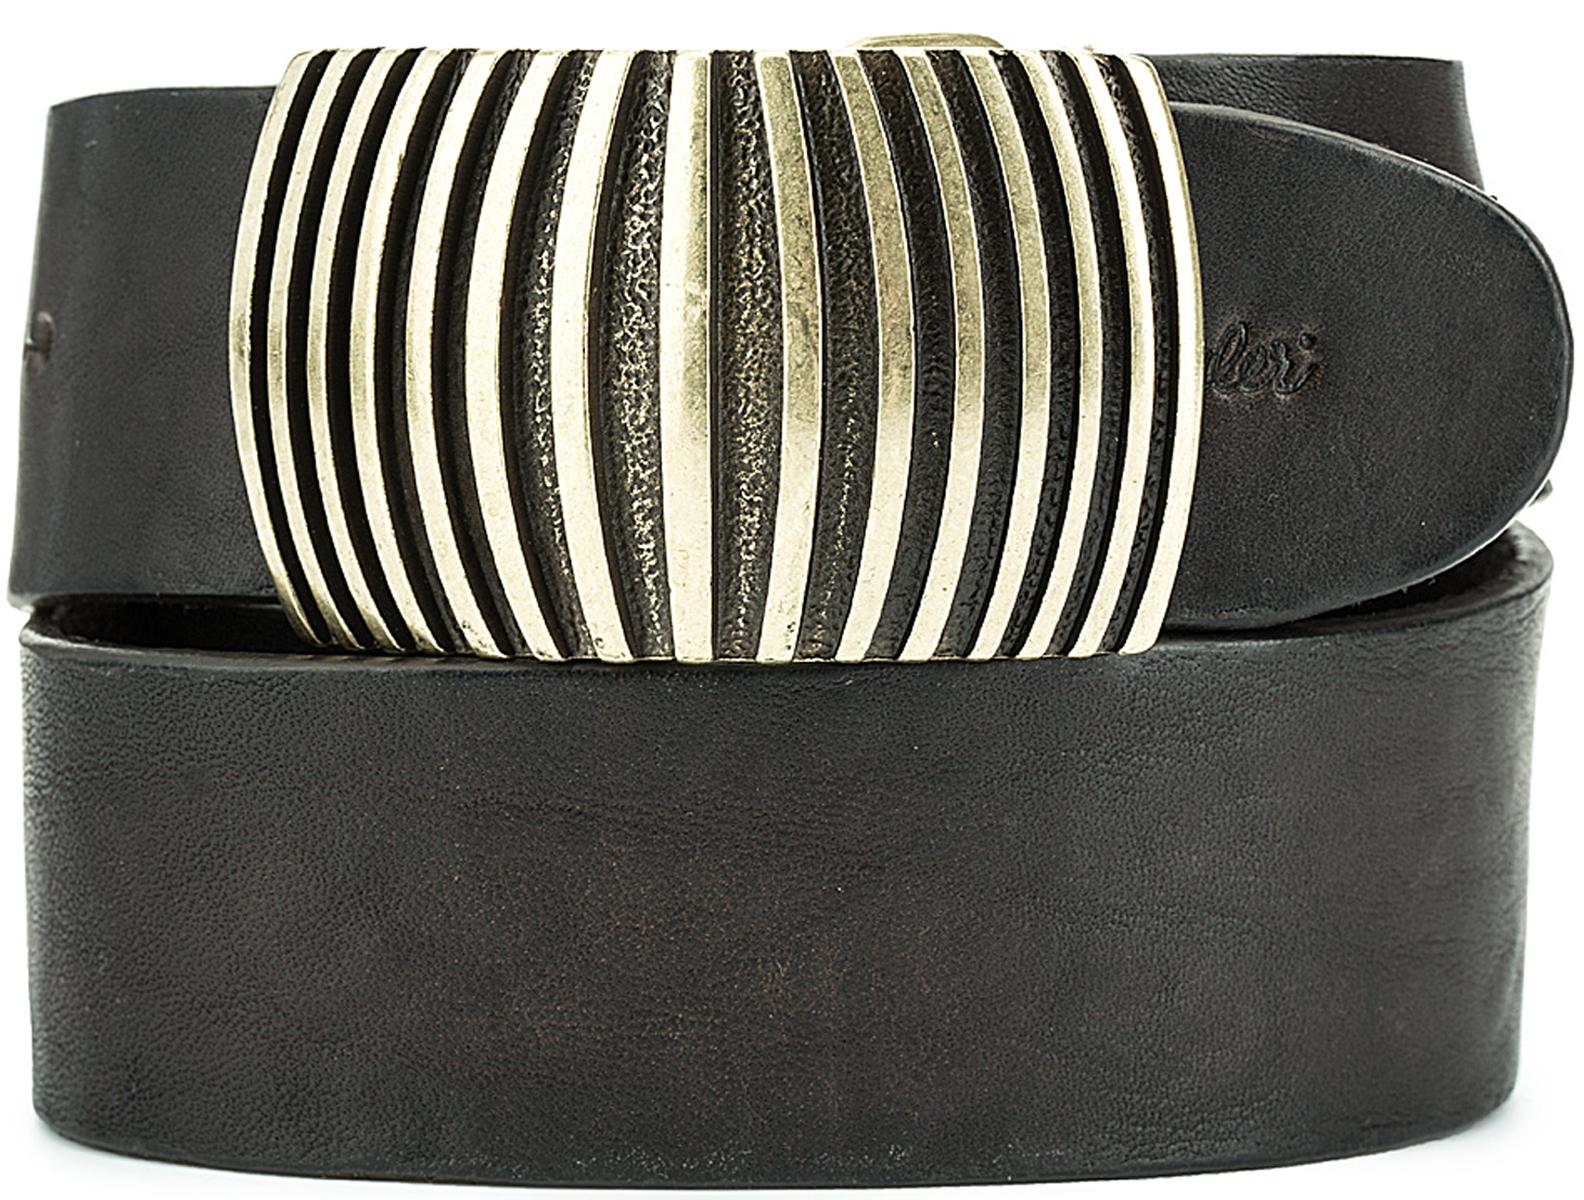 РеменьW0A83UK85Стильный широкий ремень Wrangler выполнен из натуральной кожи. Металлическая пряжка, с помощью которой регулируется длина ремня, выполнена в оригинальном дизайне.